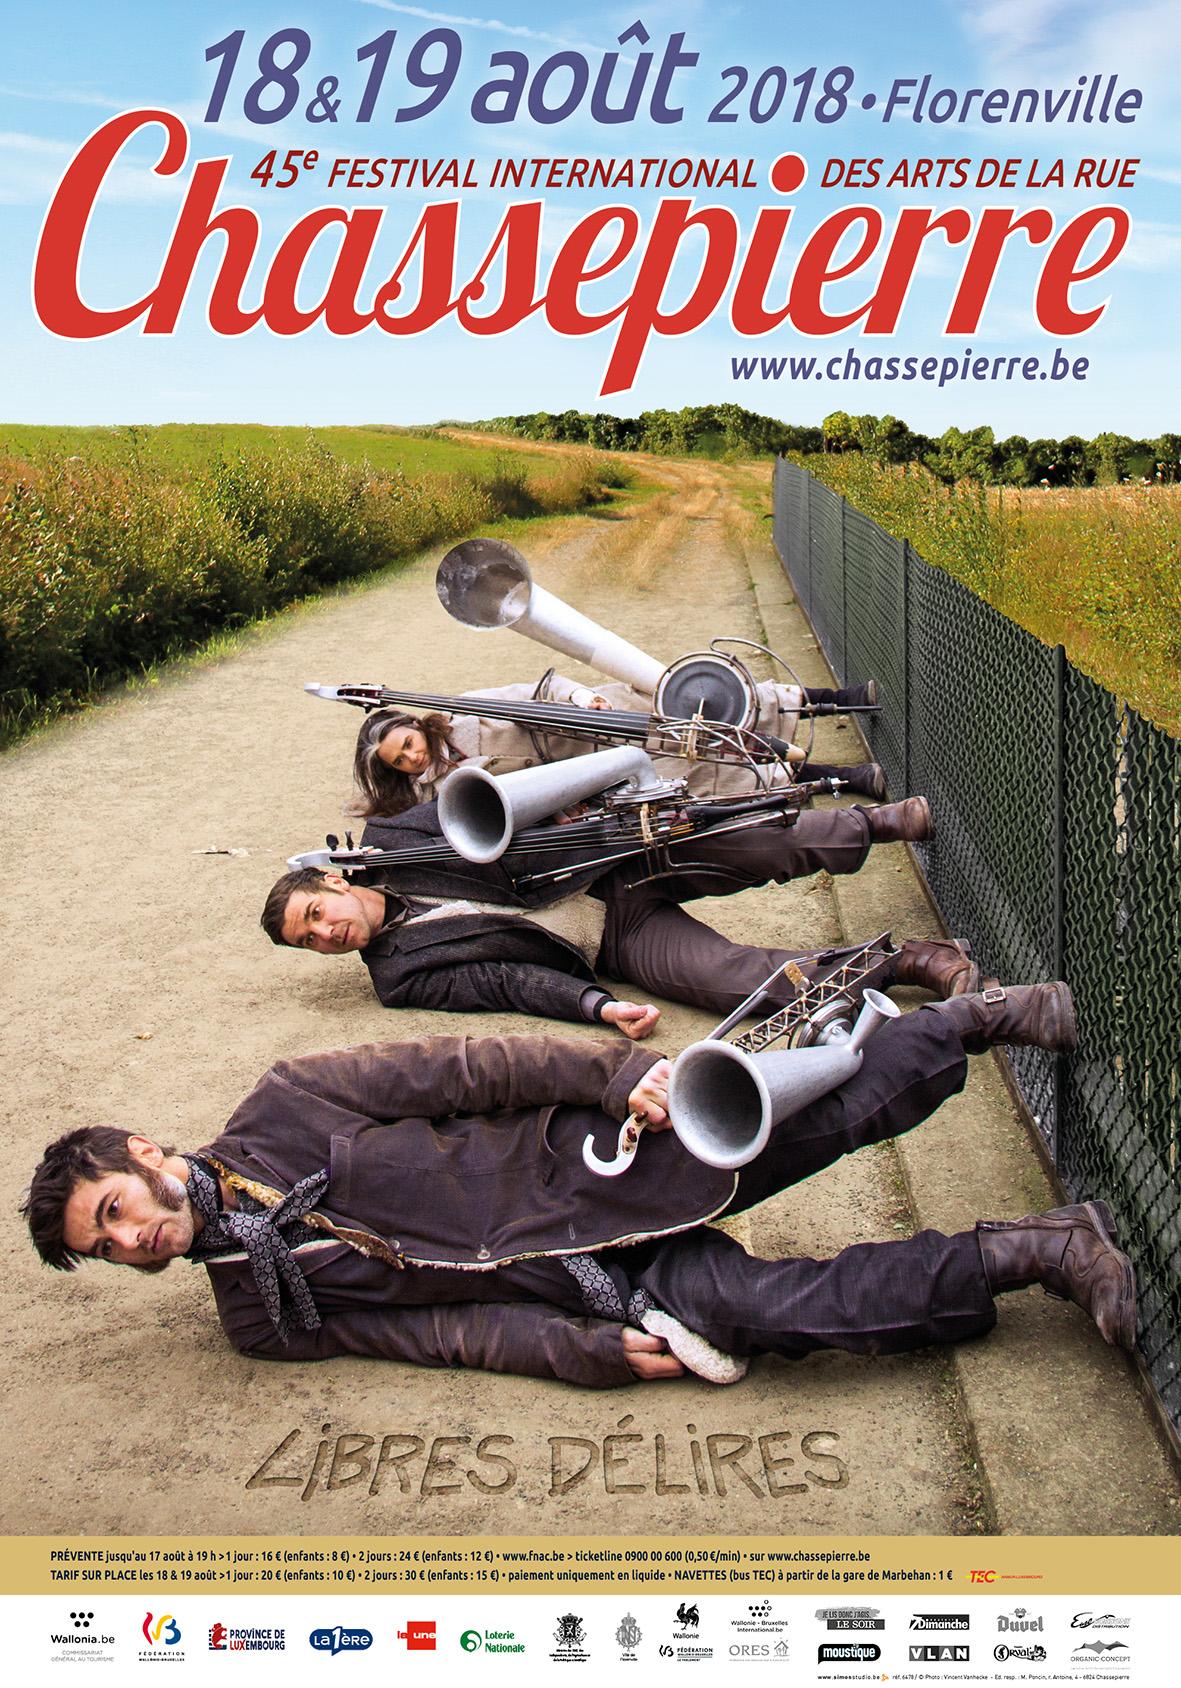 Fête des Artistes de Chassepierre @ Fête des Artistes à Chassepierre | Florenville | Wallonie | Belgique